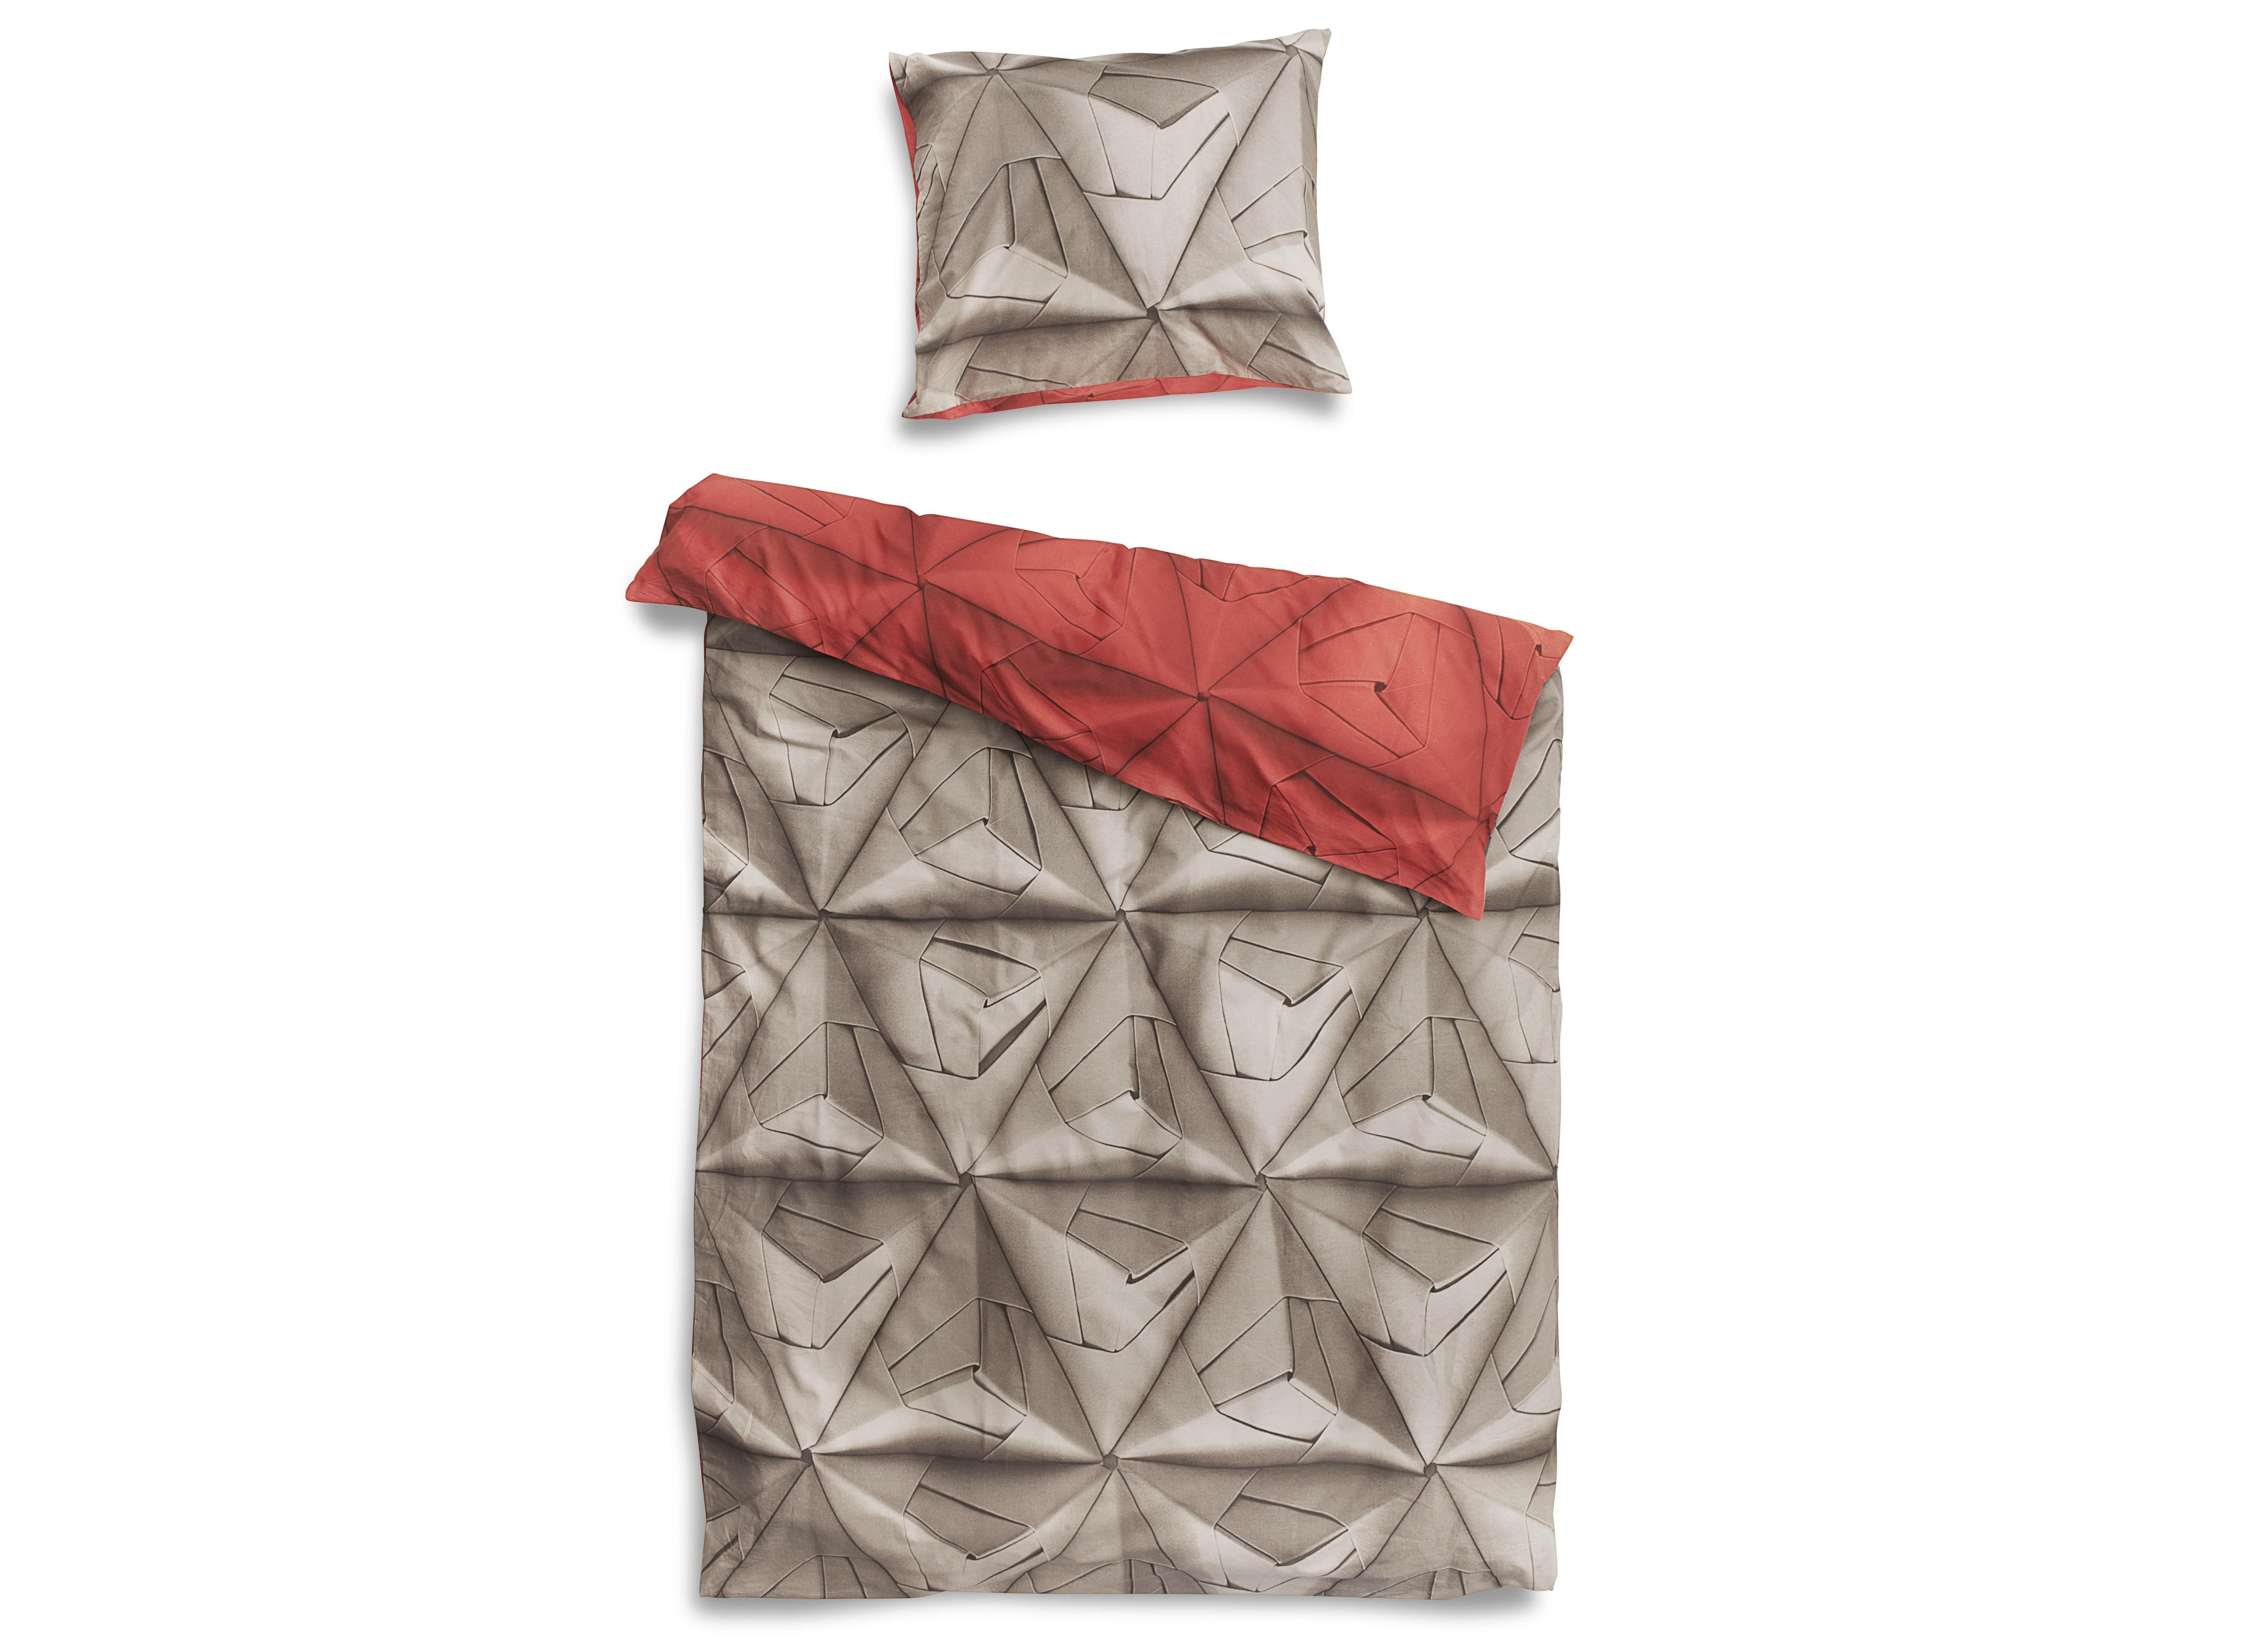 Комплект постельного белья Оригами красныйПолутороспальные комлпекты постельного белья<br>Мы обновили наш известный принт Geogami. Раньше он был пестрым, а теперь в нем сочетаются два контрастных цвета. На одной стороне-нейтральный серый цвет, а на другой-остромодный! Комплект существует в горчичном, васильковом и коралловом оттенках.&amp;amp;nbsp;&amp;lt;div&amp;gt;&amp;lt;br&amp;gt;&amp;lt;/div&amp;gt;&amp;lt;div&amp;gt;Материал: 100% хлопок ПЕРКАЛЬ (плотность ткани 214г/м2).&amp;amp;nbsp;&amp;lt;/div&amp;gt;&amp;lt;div&amp;gt;В комплект входит: пододеяльник 150х200 см - 1 шт, наволочка 50х70 см - 1 шт.&amp;lt;/div&amp;gt;<br><br>Material: Хлопок<br>Ширина см: 150